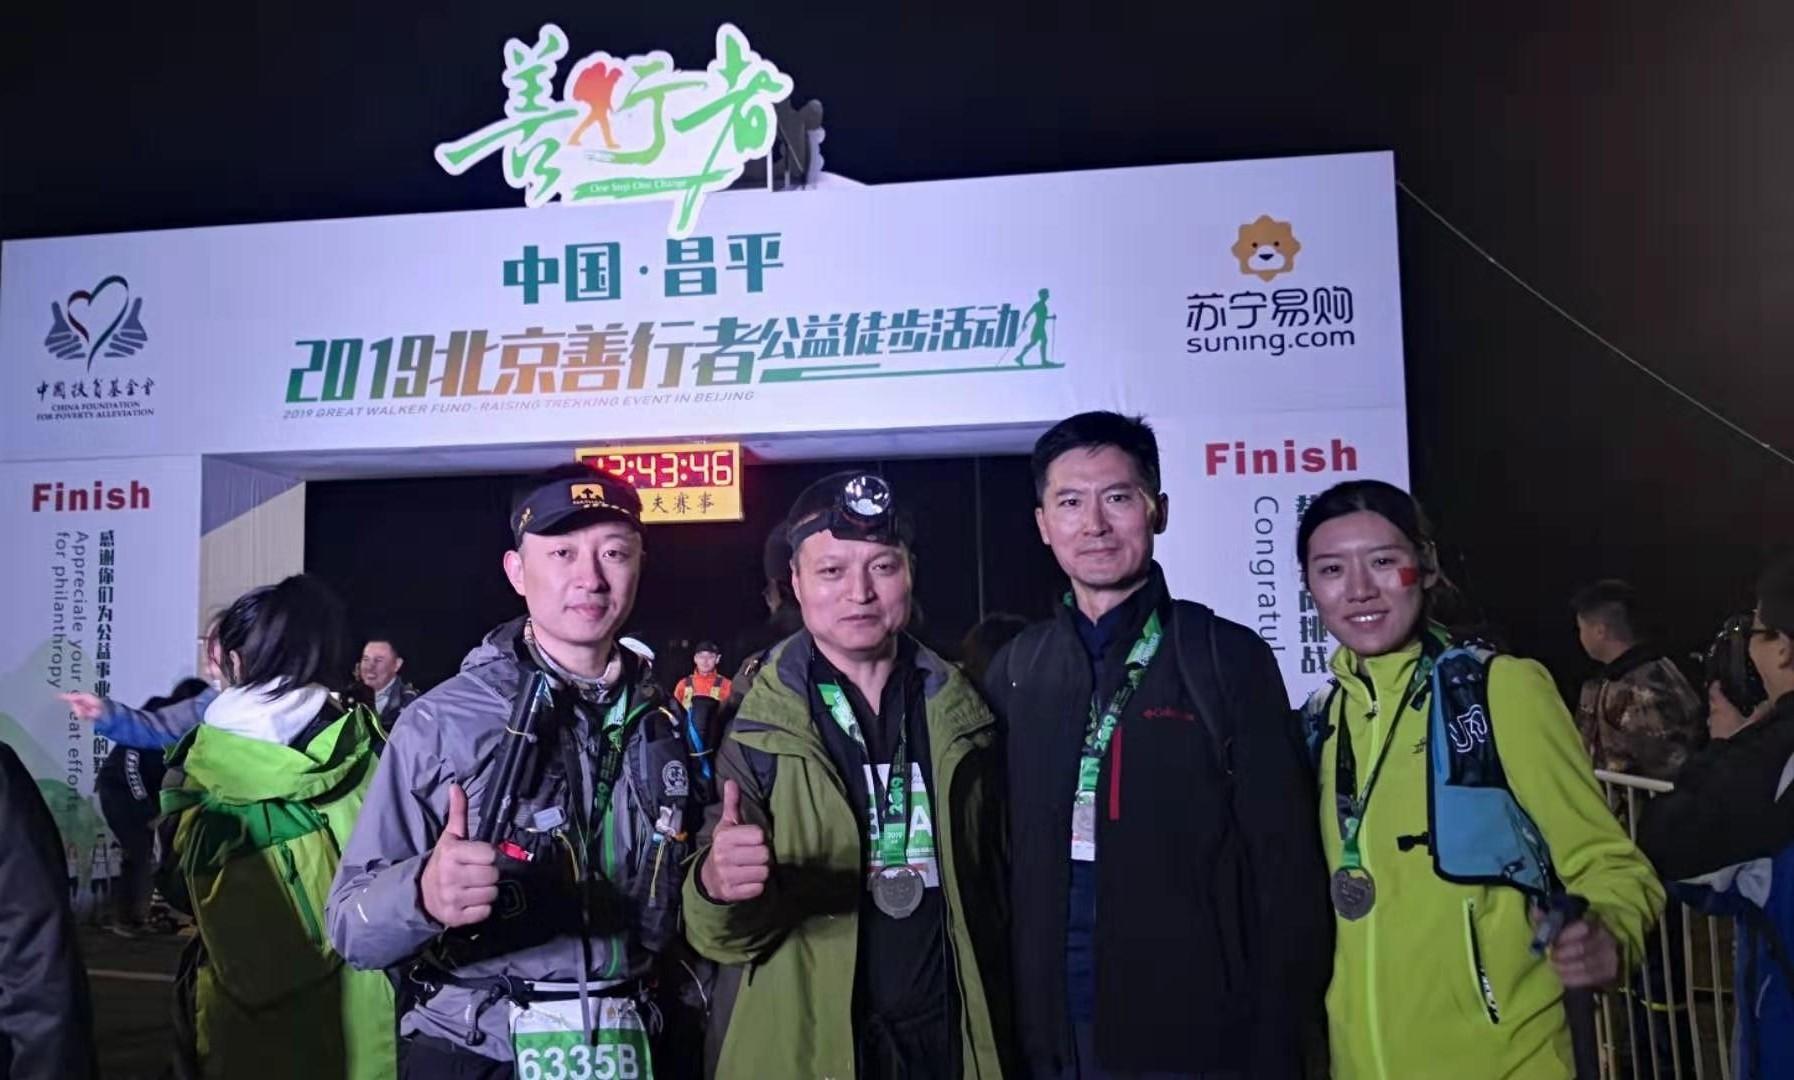 <b>为公益挑战徒步50公里,杨宇军12小时完成</b>